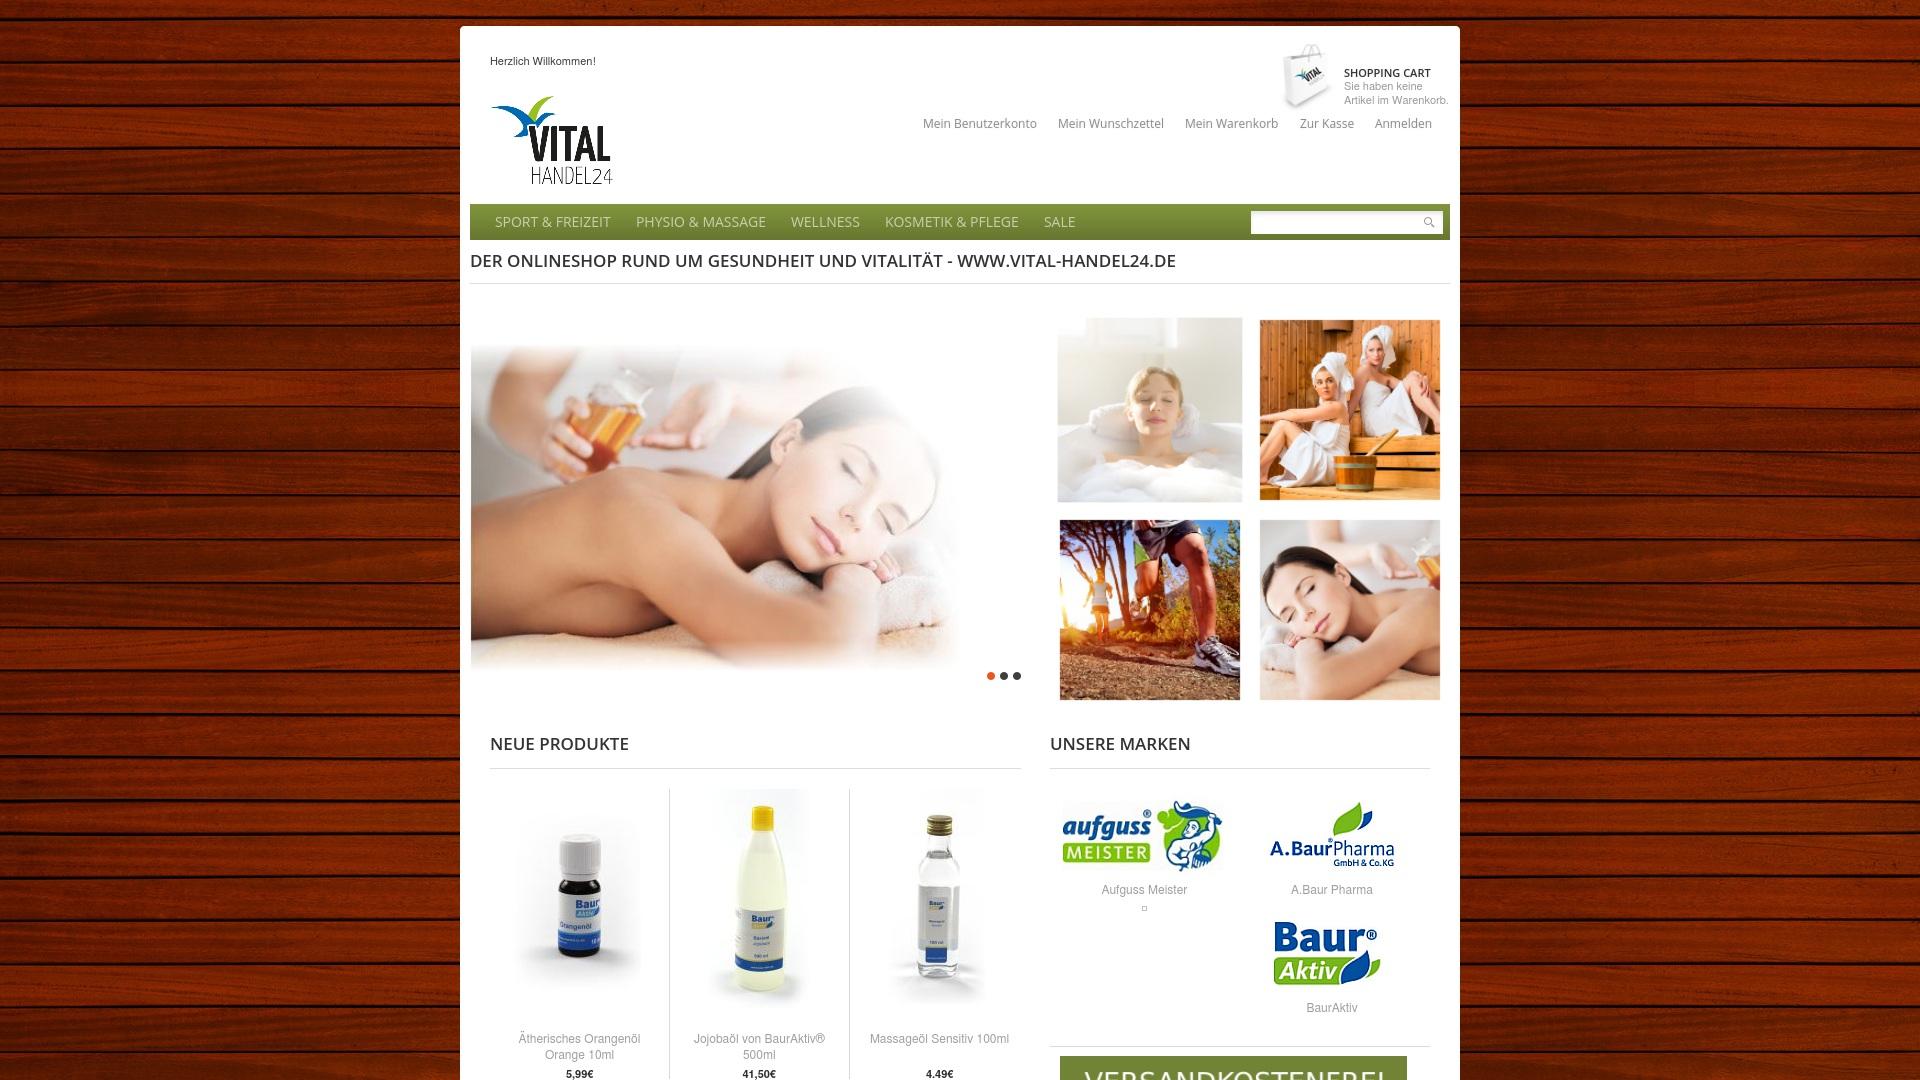 Gutschein für Vital-handel24: Rabatte für  Vital-handel24 sichern